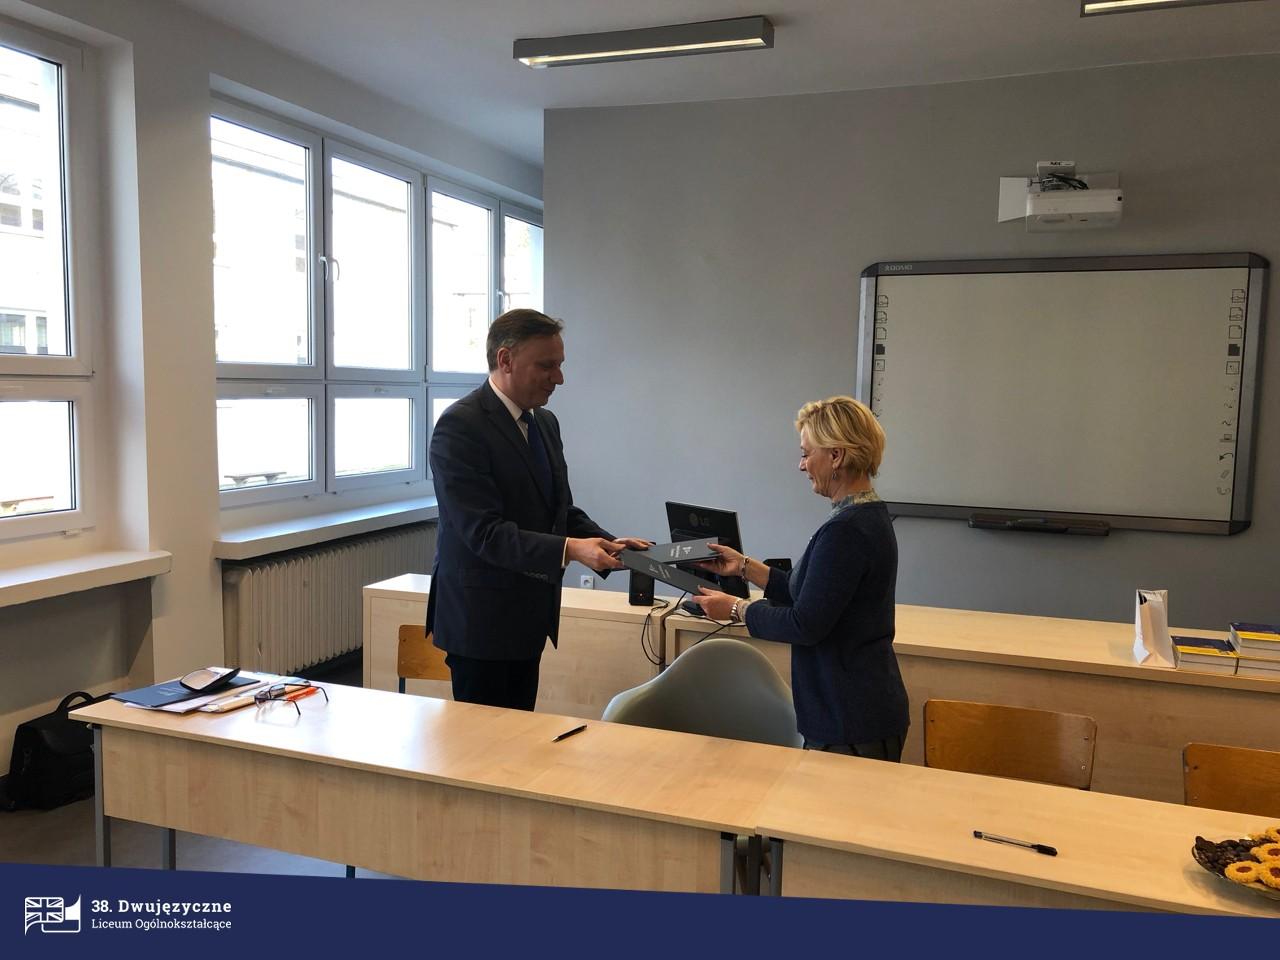 WNPiD 9 38 Dwujzyczne Liceum Oglnoksztacce W Poznaniu